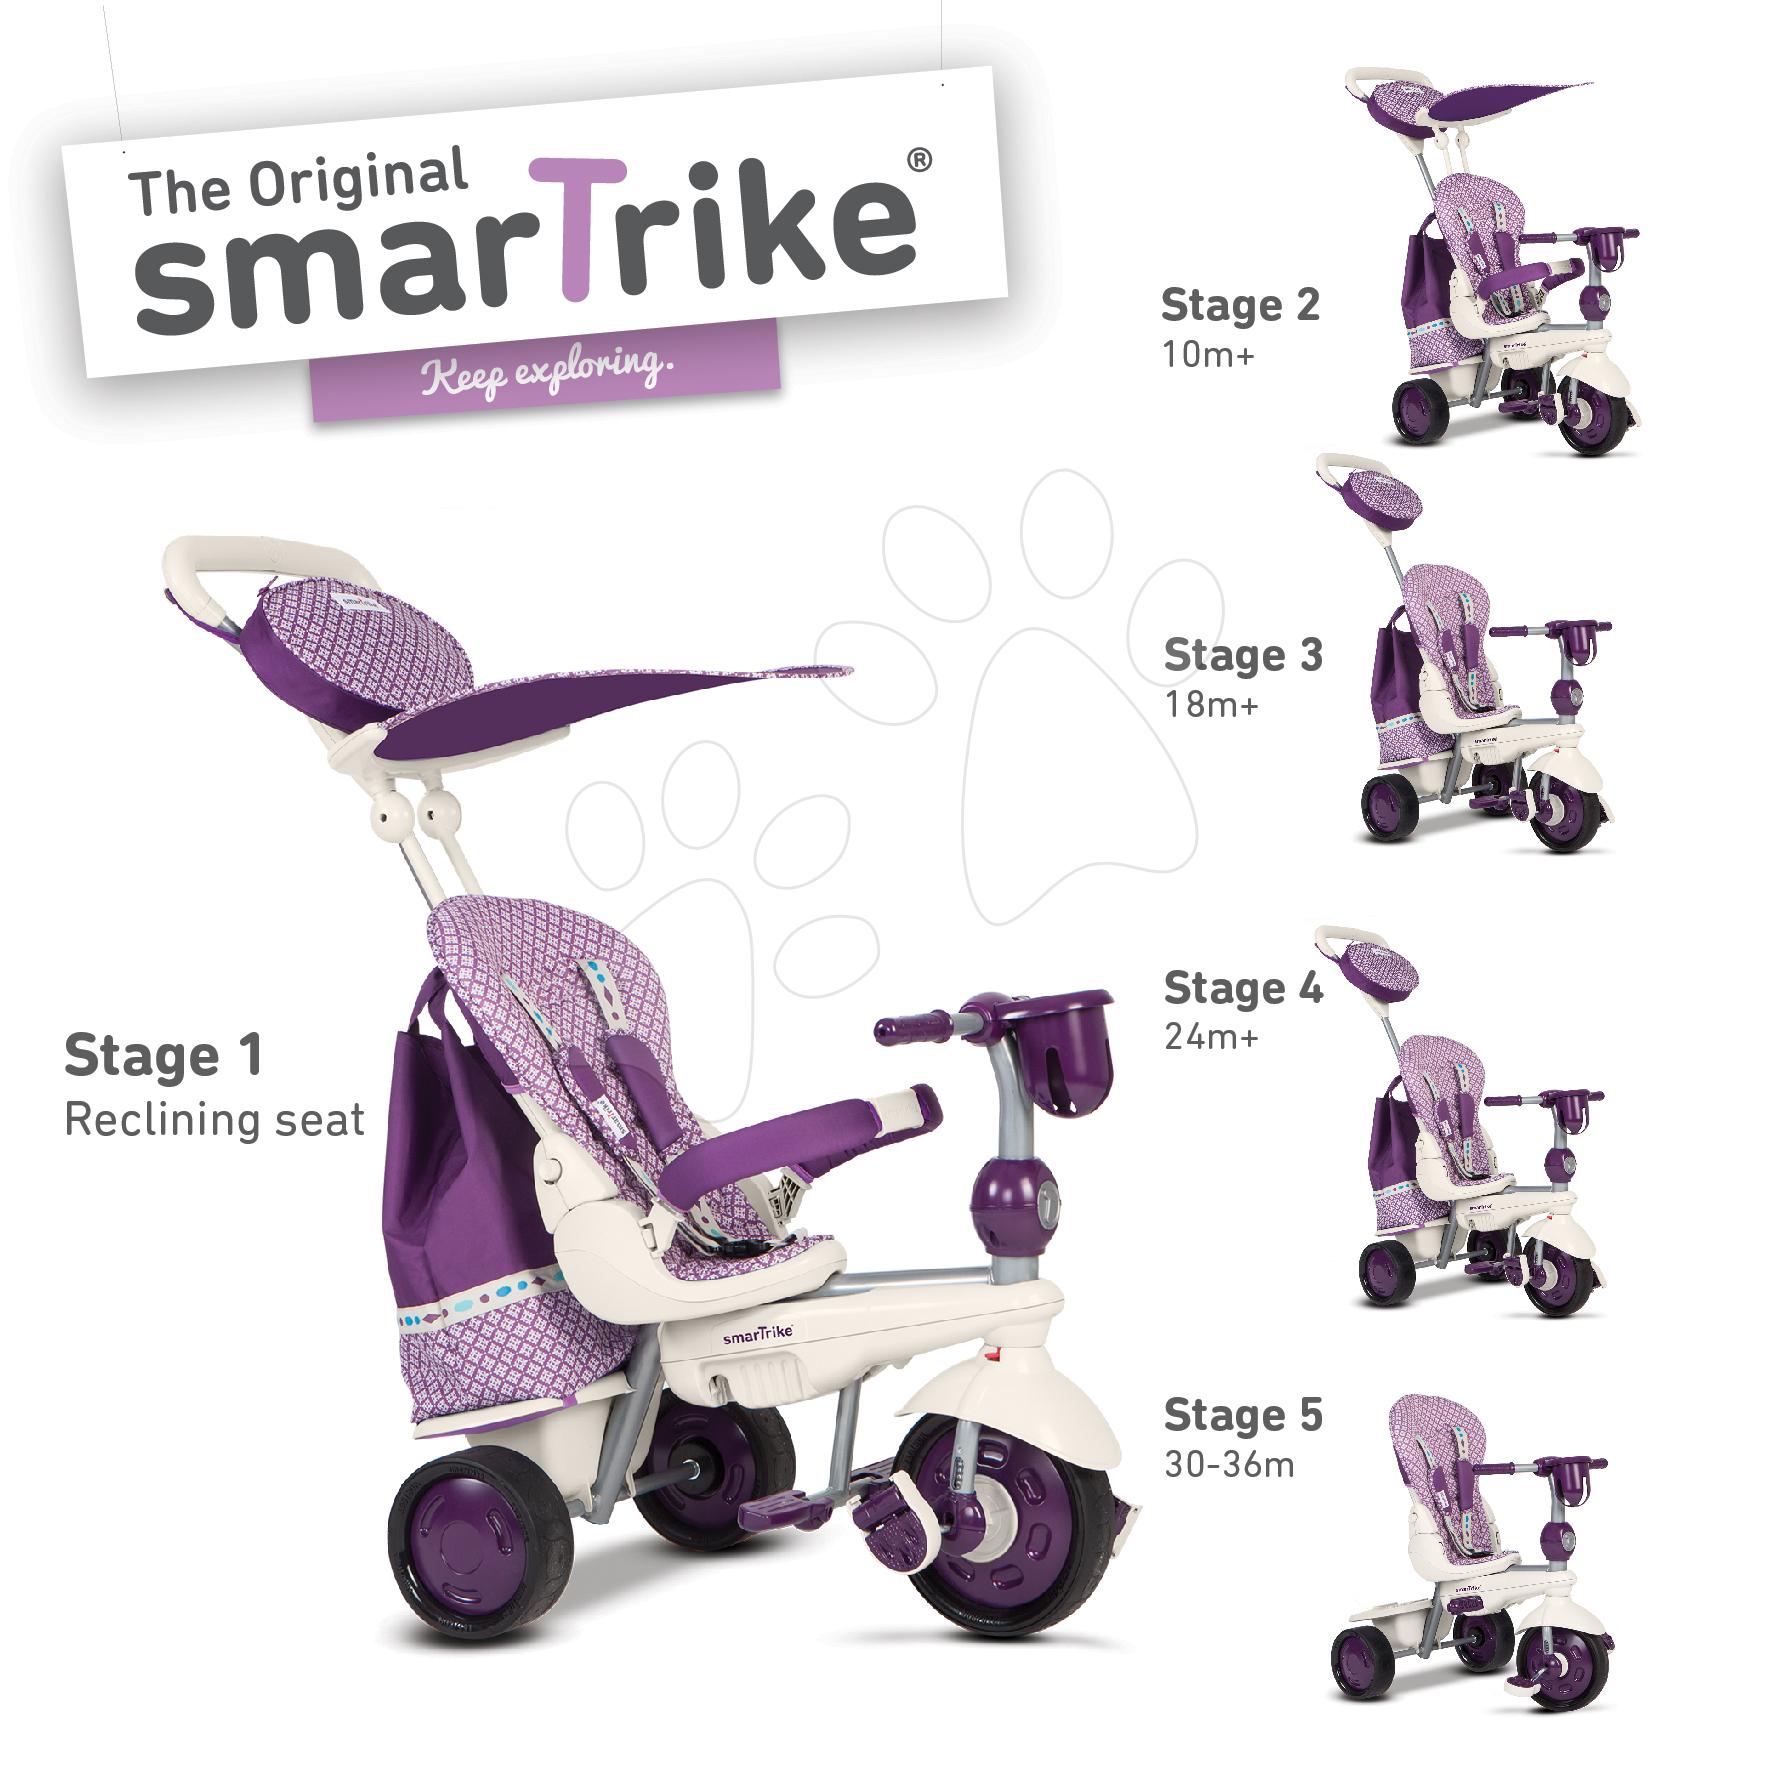 Dětská tříkolka Splash 5v1 Purple&White smarTrike 360° řízení s polohovatelnou opěrkou od 10 měsíců fialovo-krémová